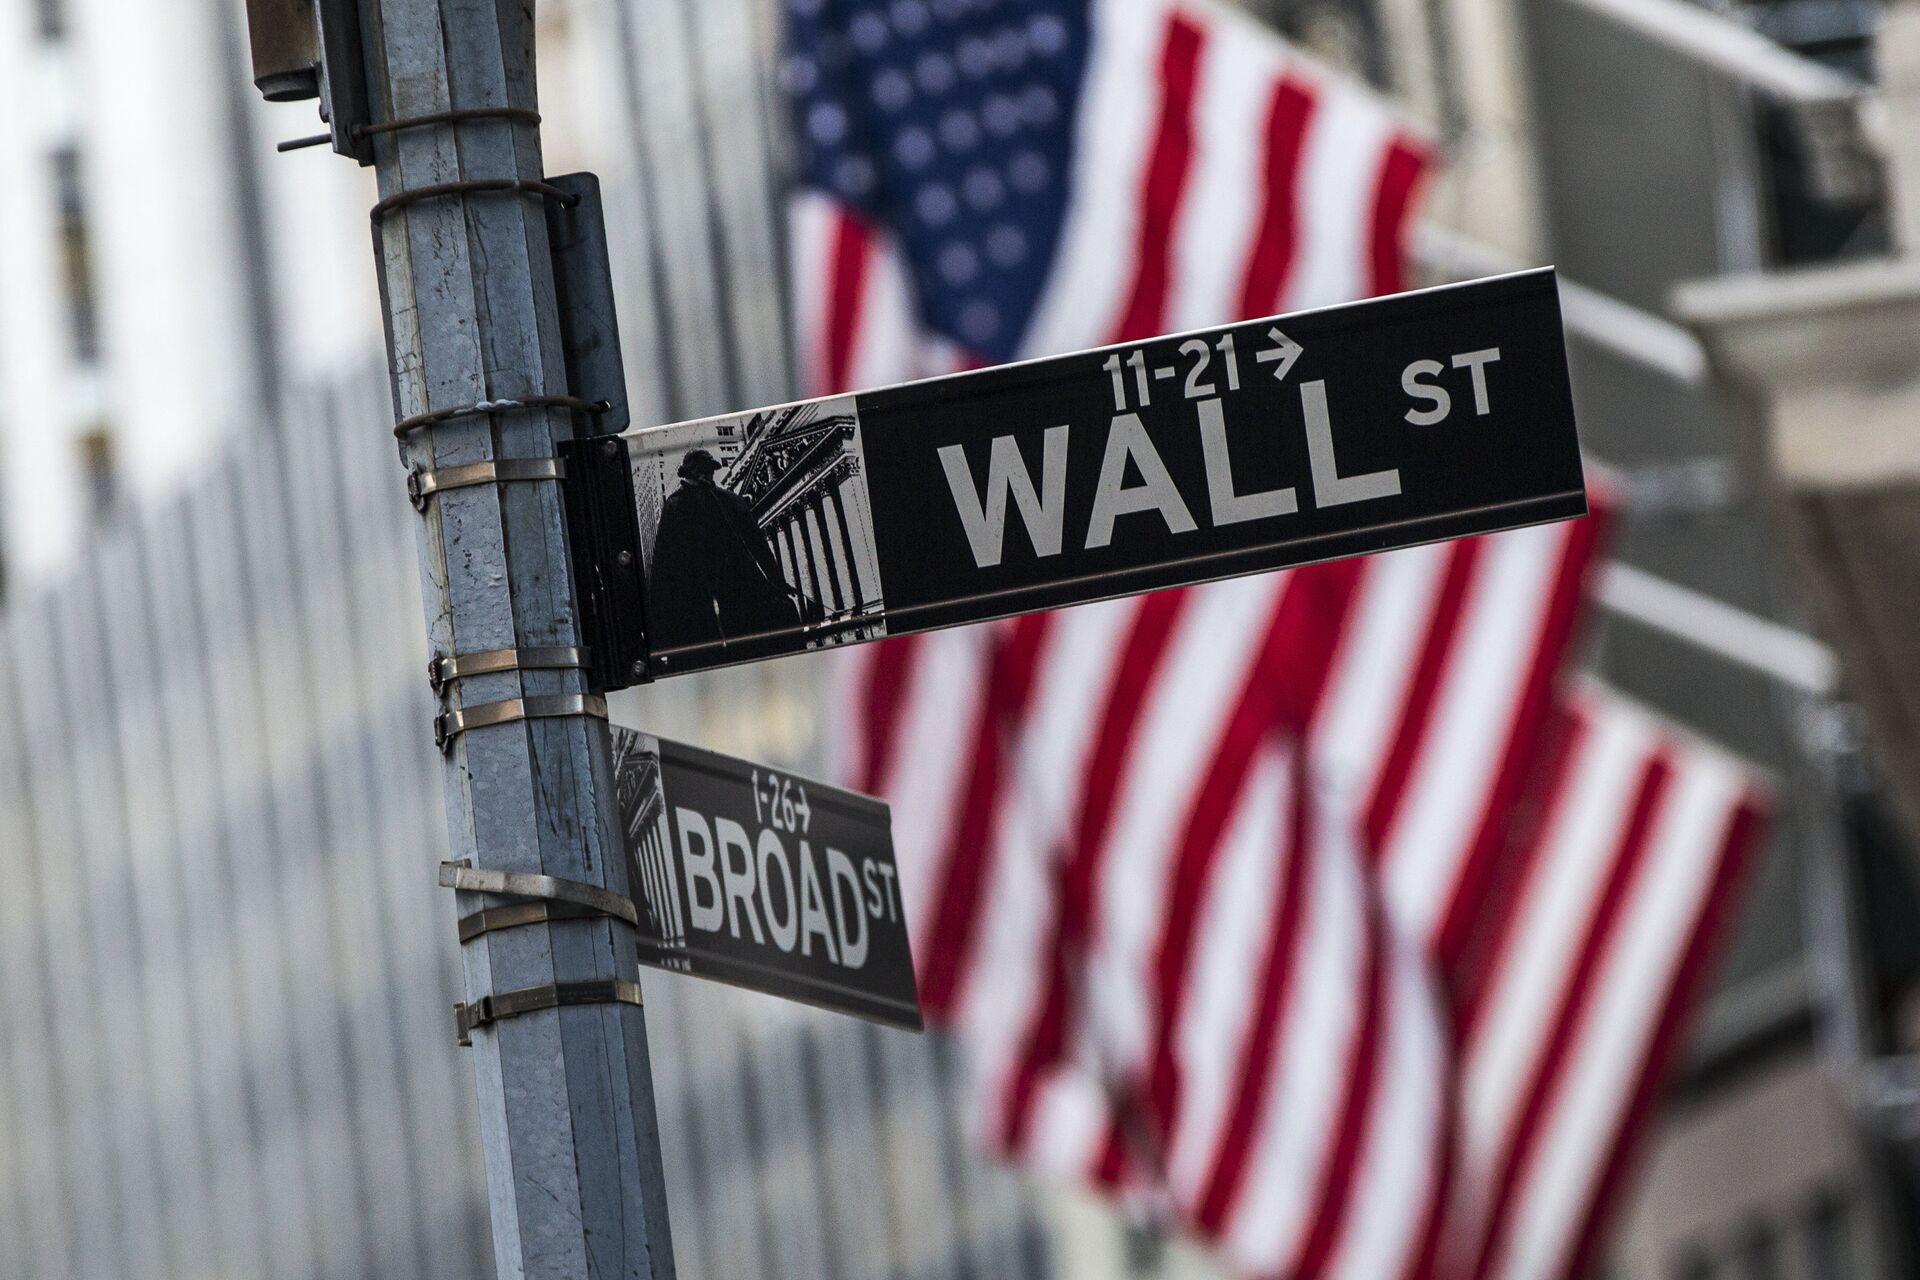 Информационный указатель на Уолл-стрит в Нью-Йорке - РИА Новости, 1920, 19.11.2020